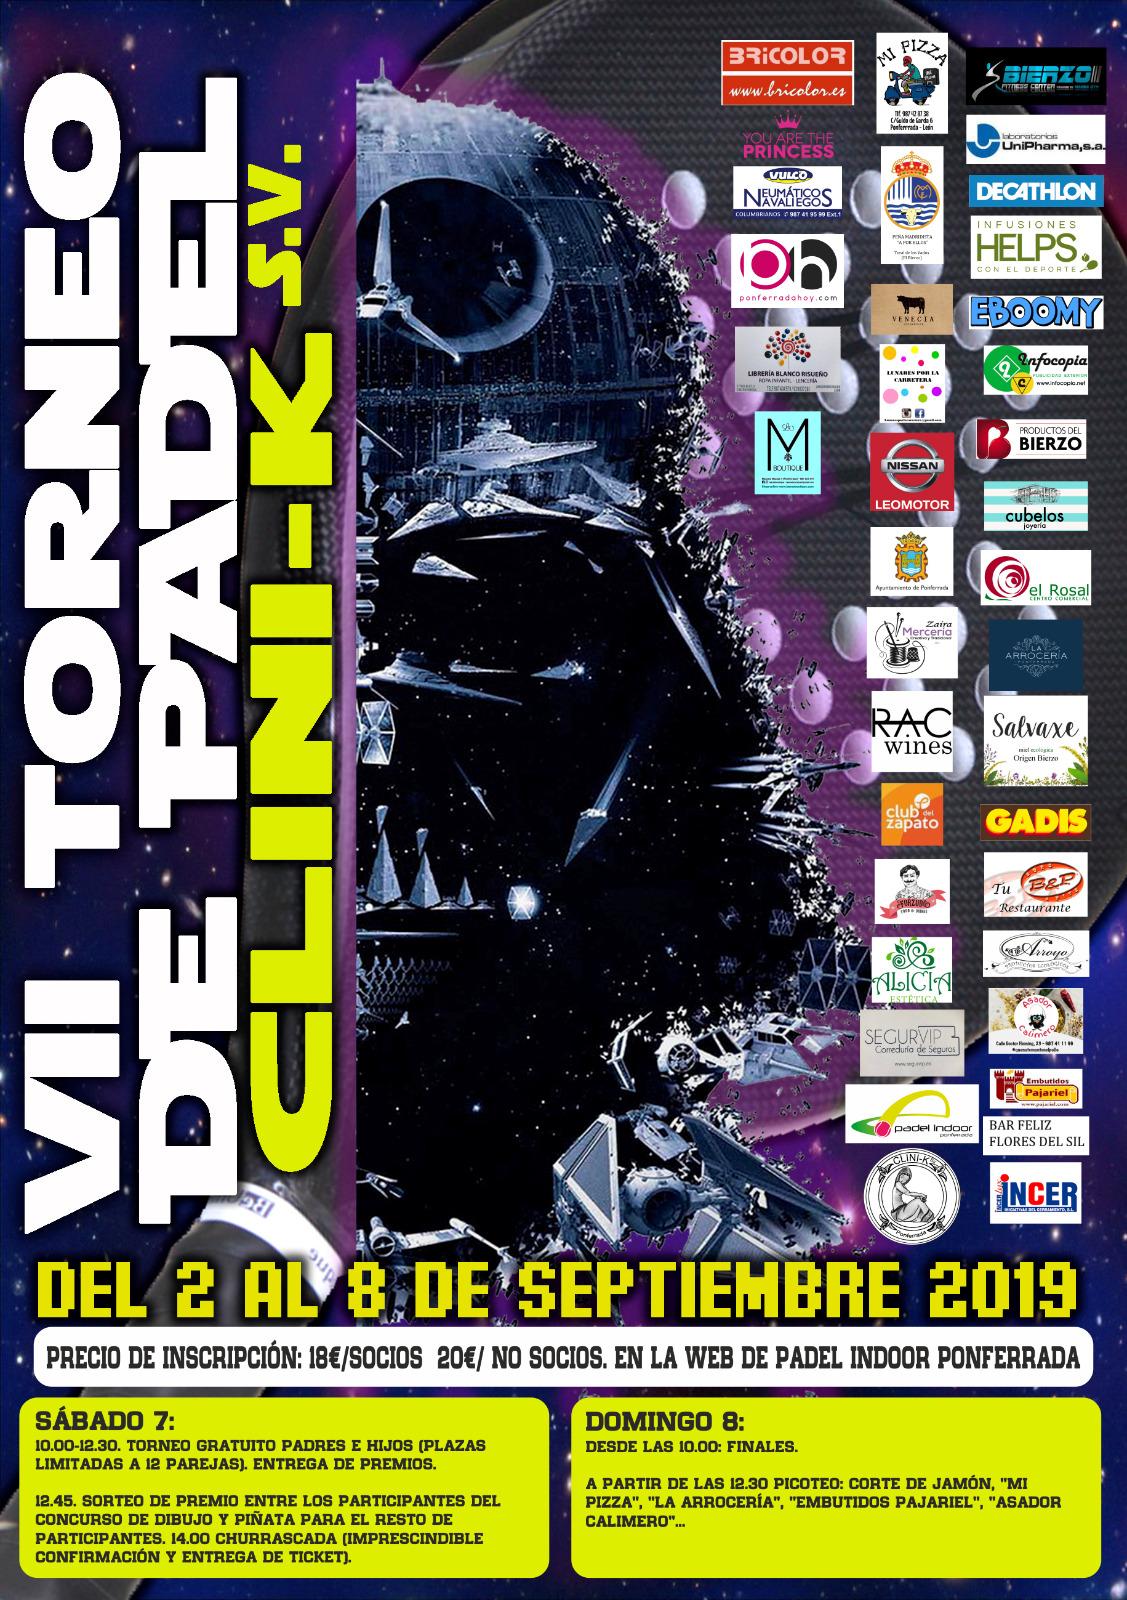 Llega la VII edición del Torneo de Pádel CLINI-K S.V. que se celebra durante la Encina 2019 2